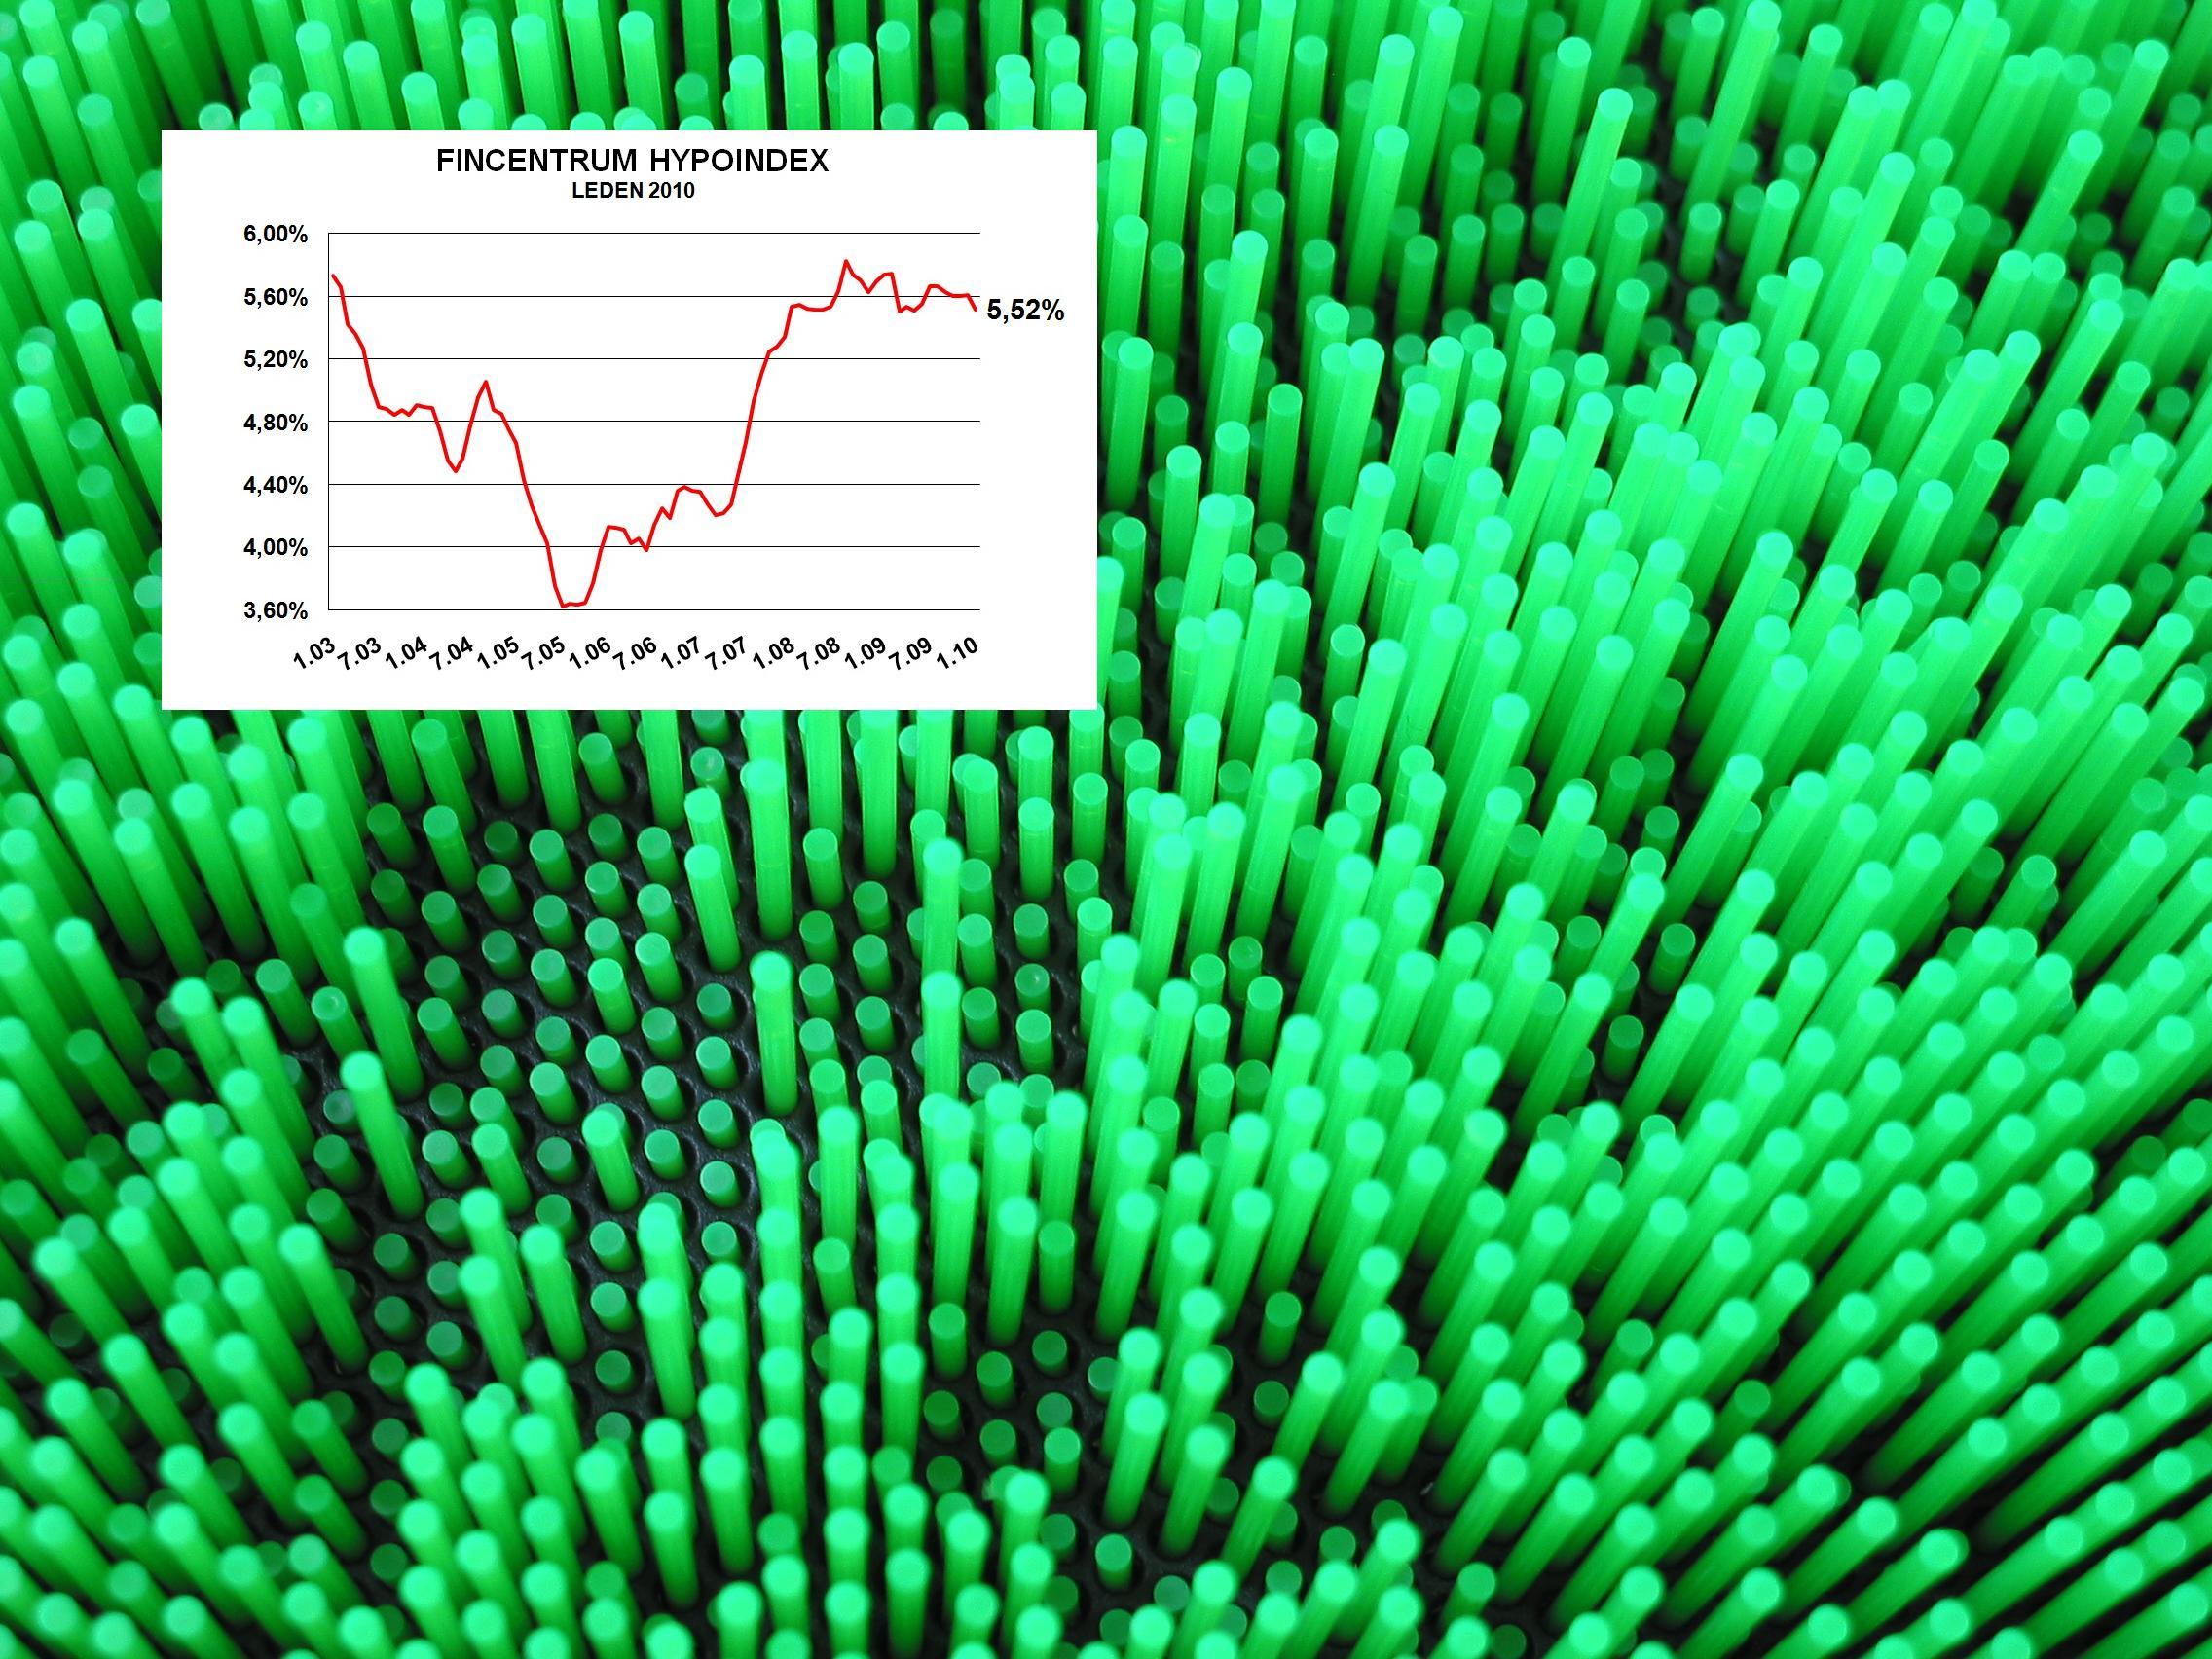 Hypoindex leden 2010: Sazby konečně klesají. Zájem klientů je však mizivý